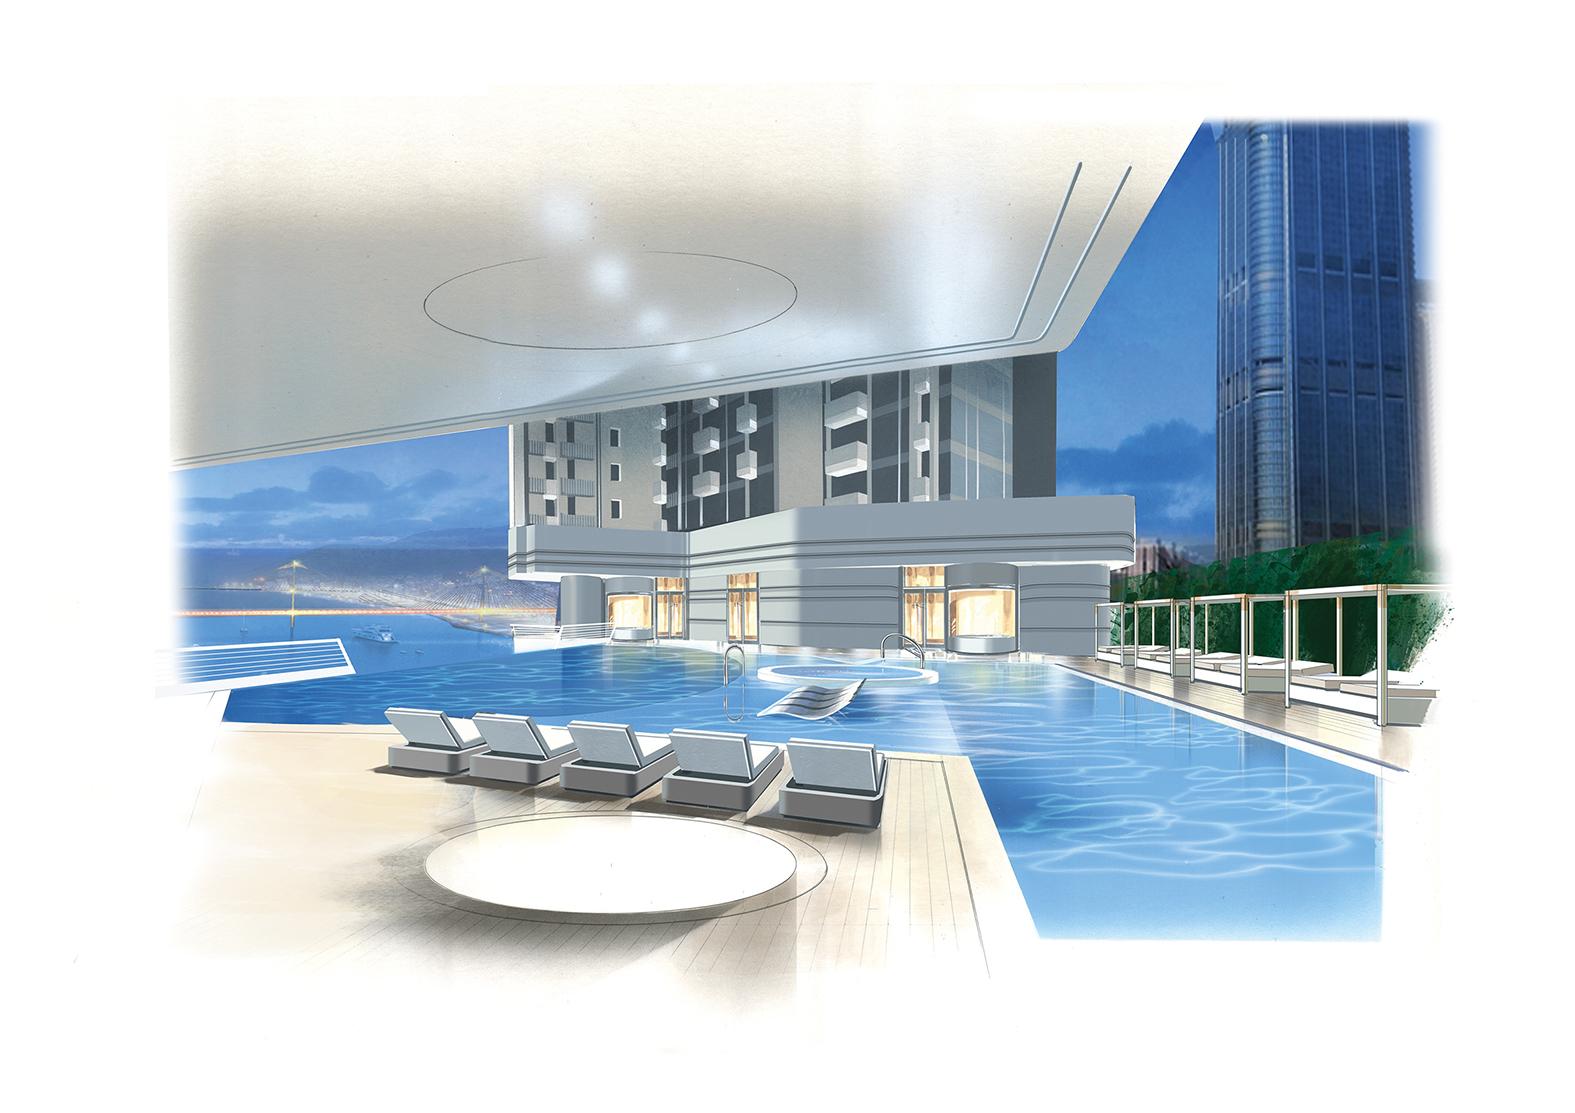 Philippe Briand Pavilia Bay Grattacieli Come Barche A Vela